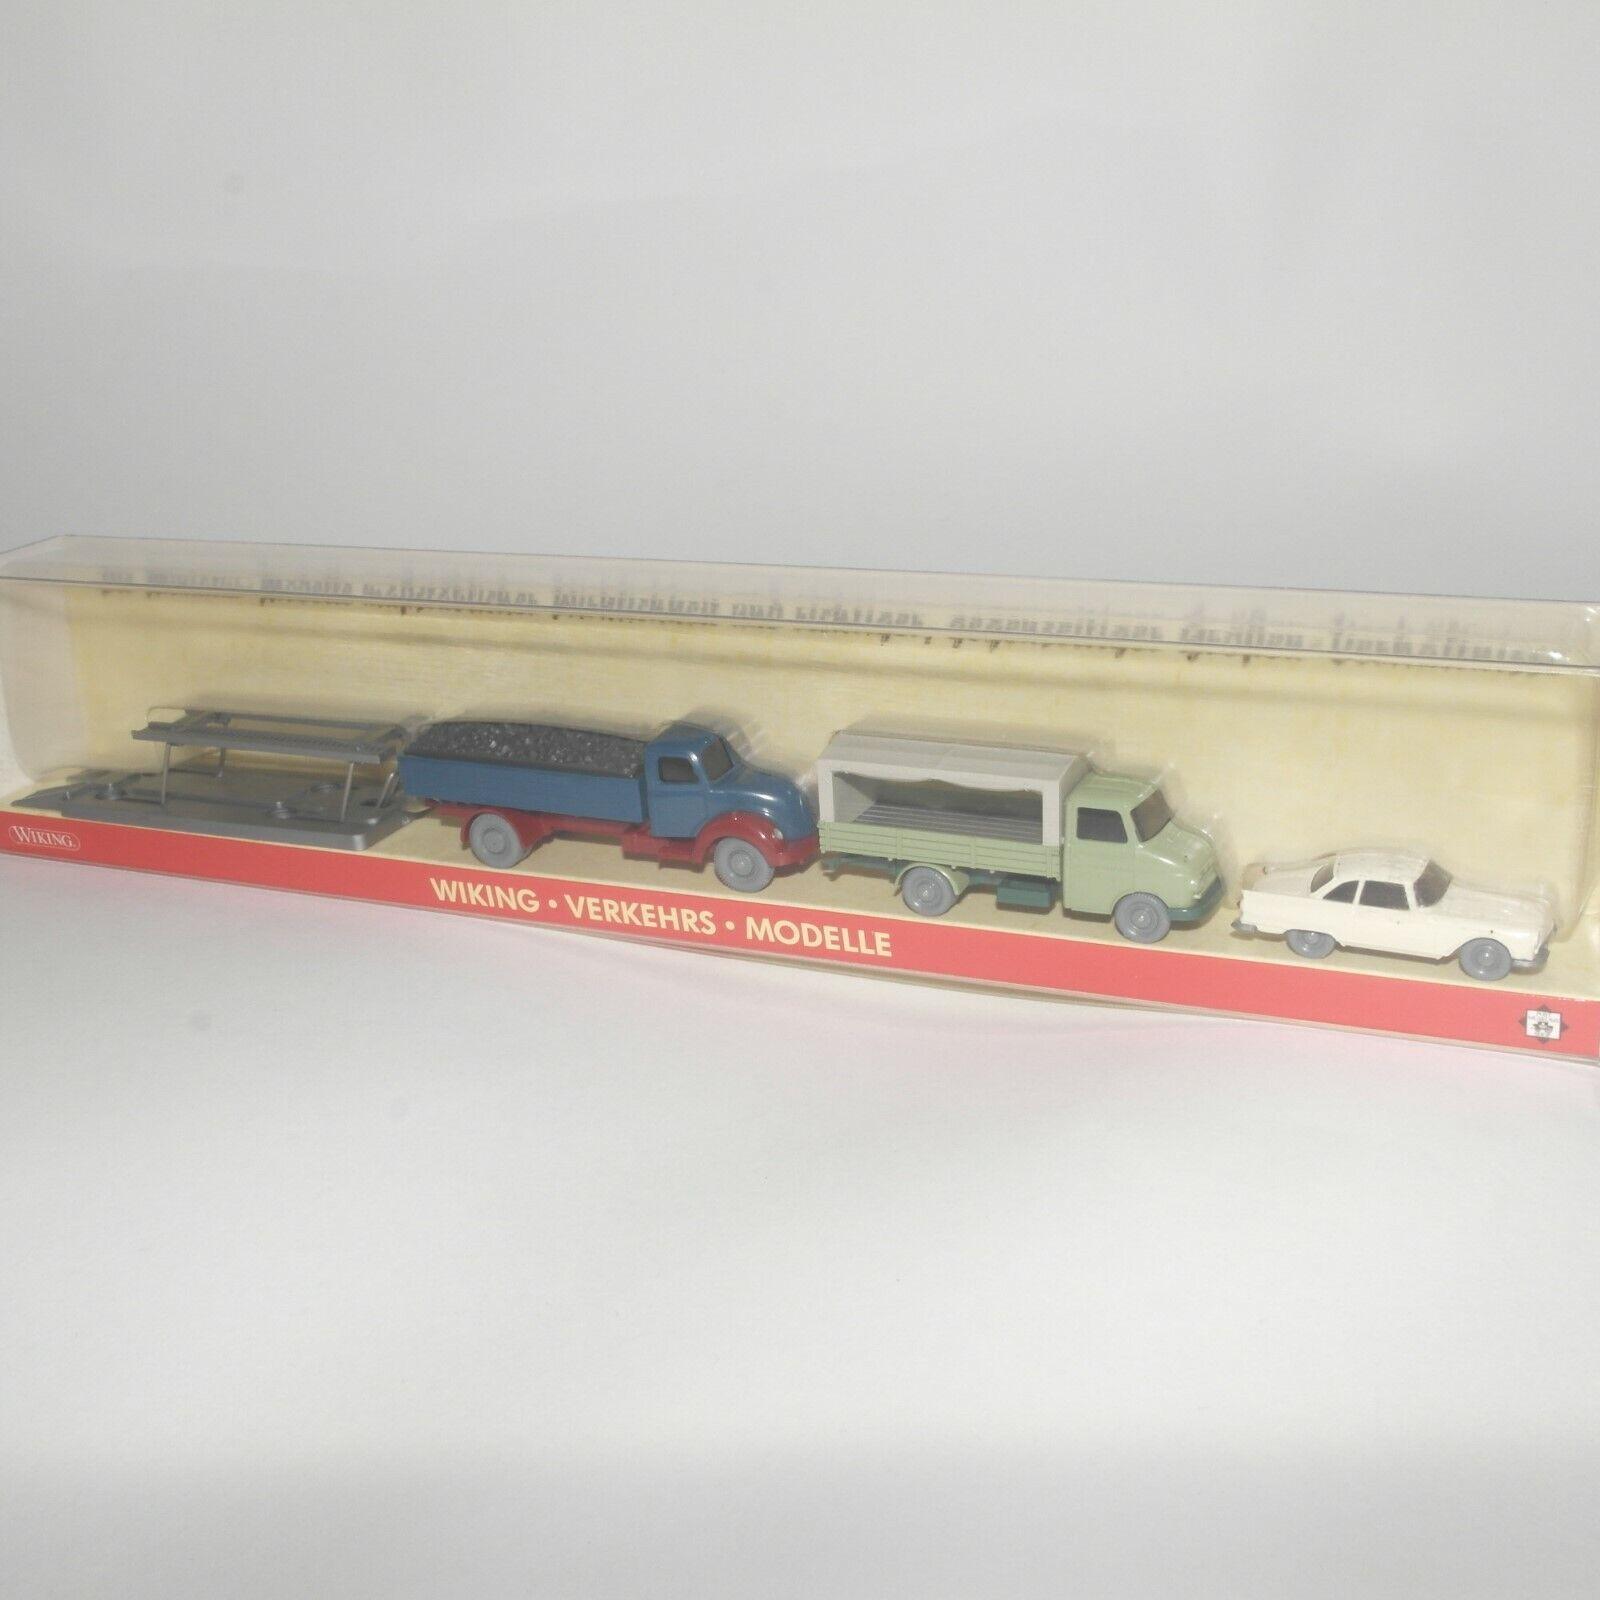 Wiking 1 87 191095 PMS Transports modèles édition Nº 27 trois véhicules neuf dans sa boîte (ec8977)